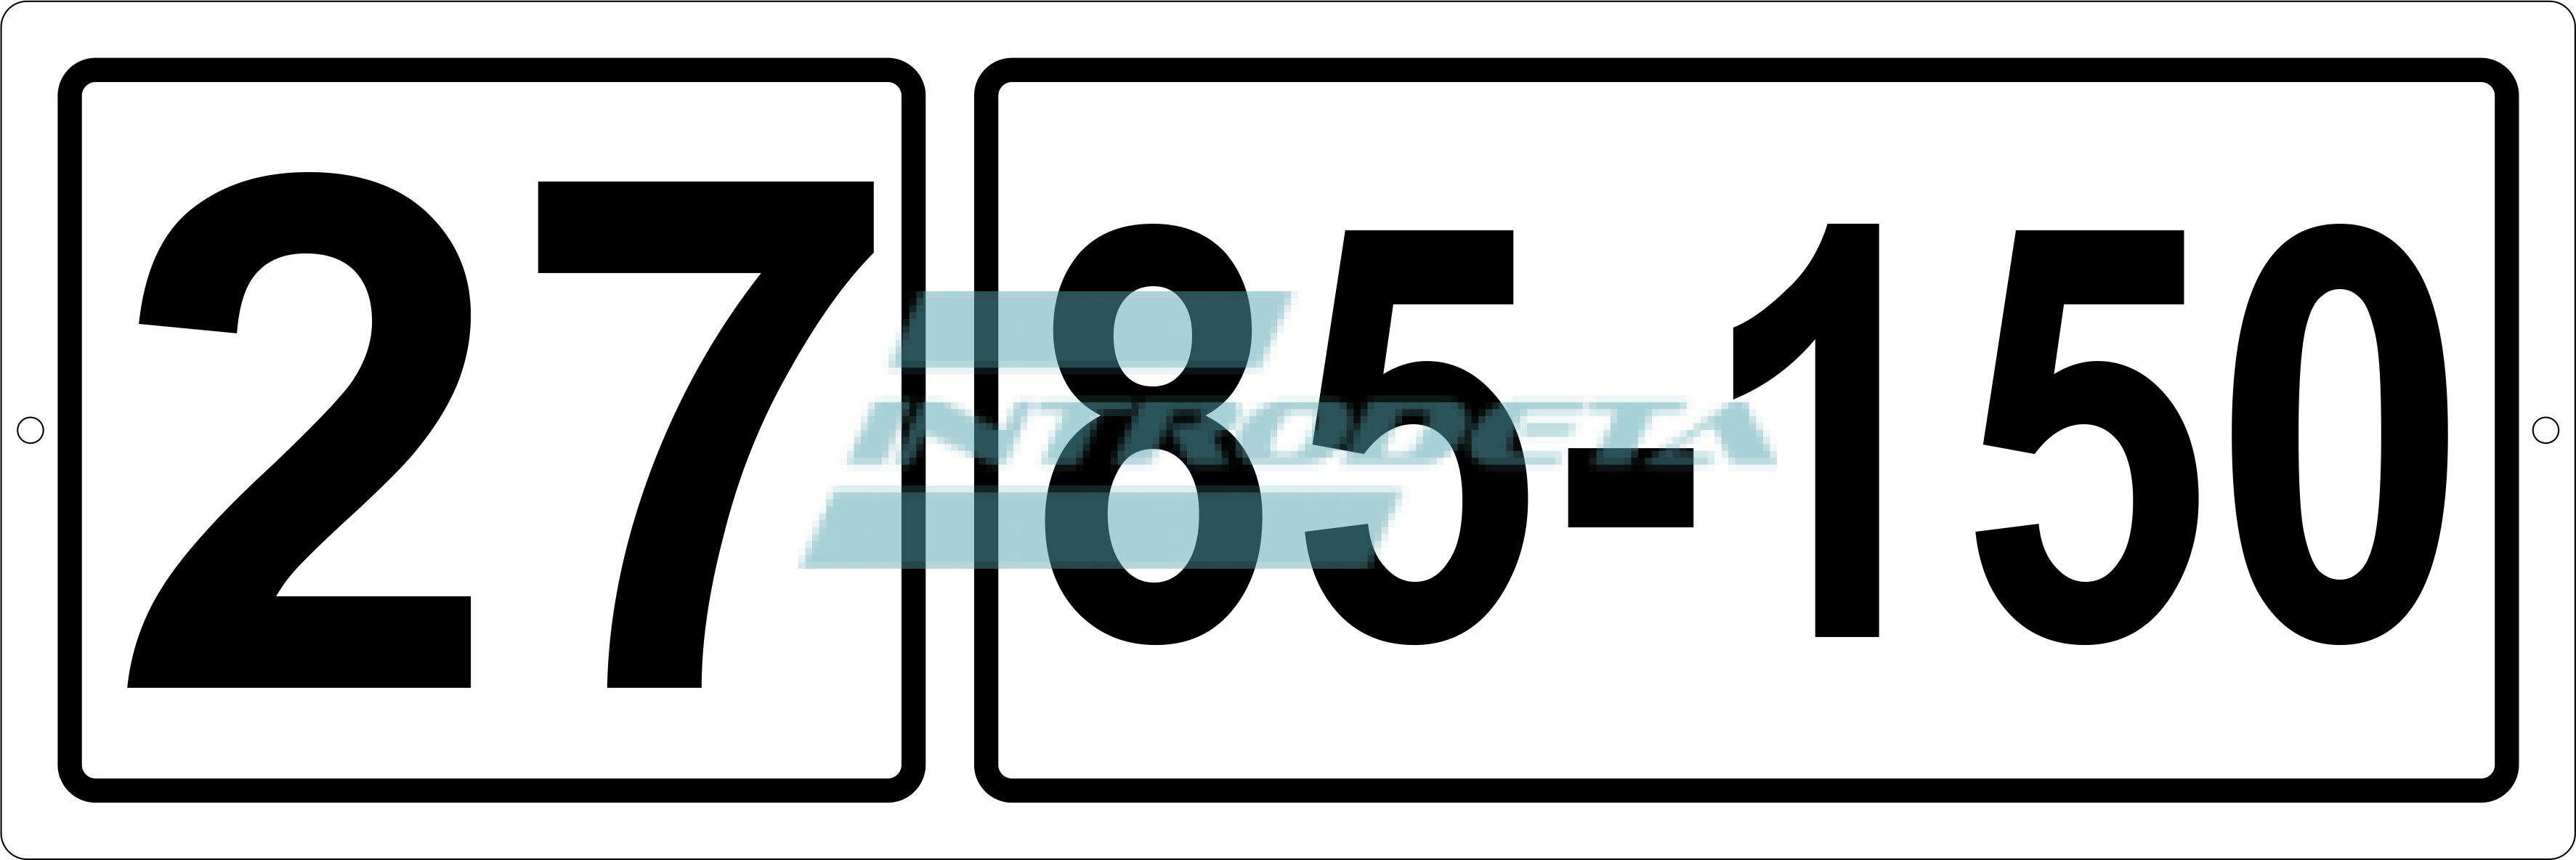 LLaiptines numeracijos lentele